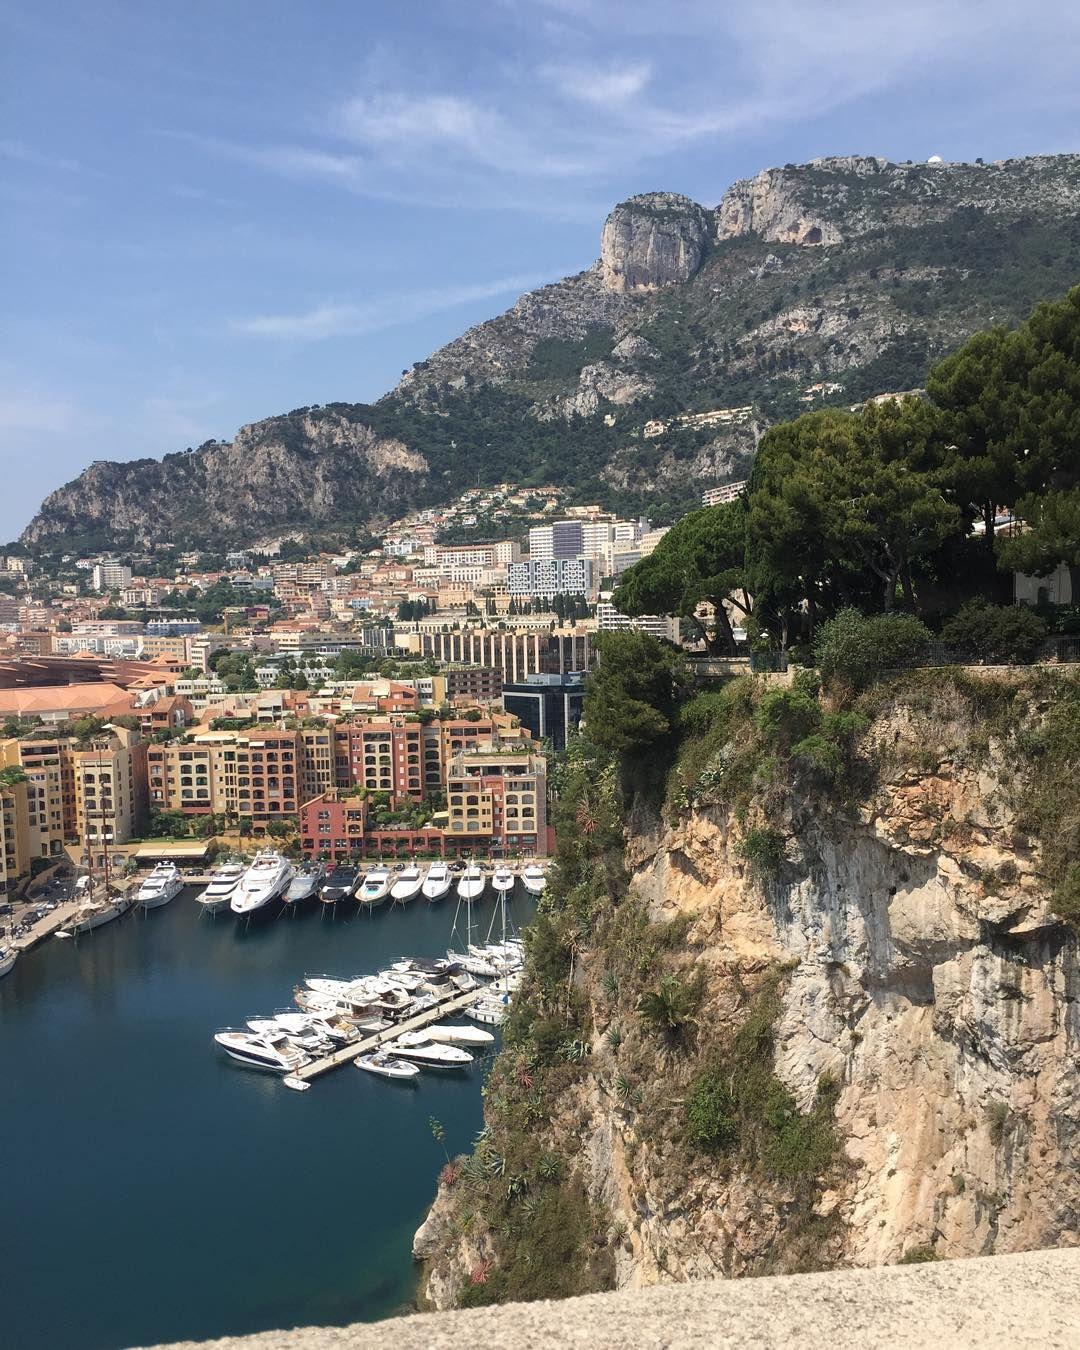 #Rocher Monaco has my ❤️ by crtann_ from #Montecarlo #Monaco